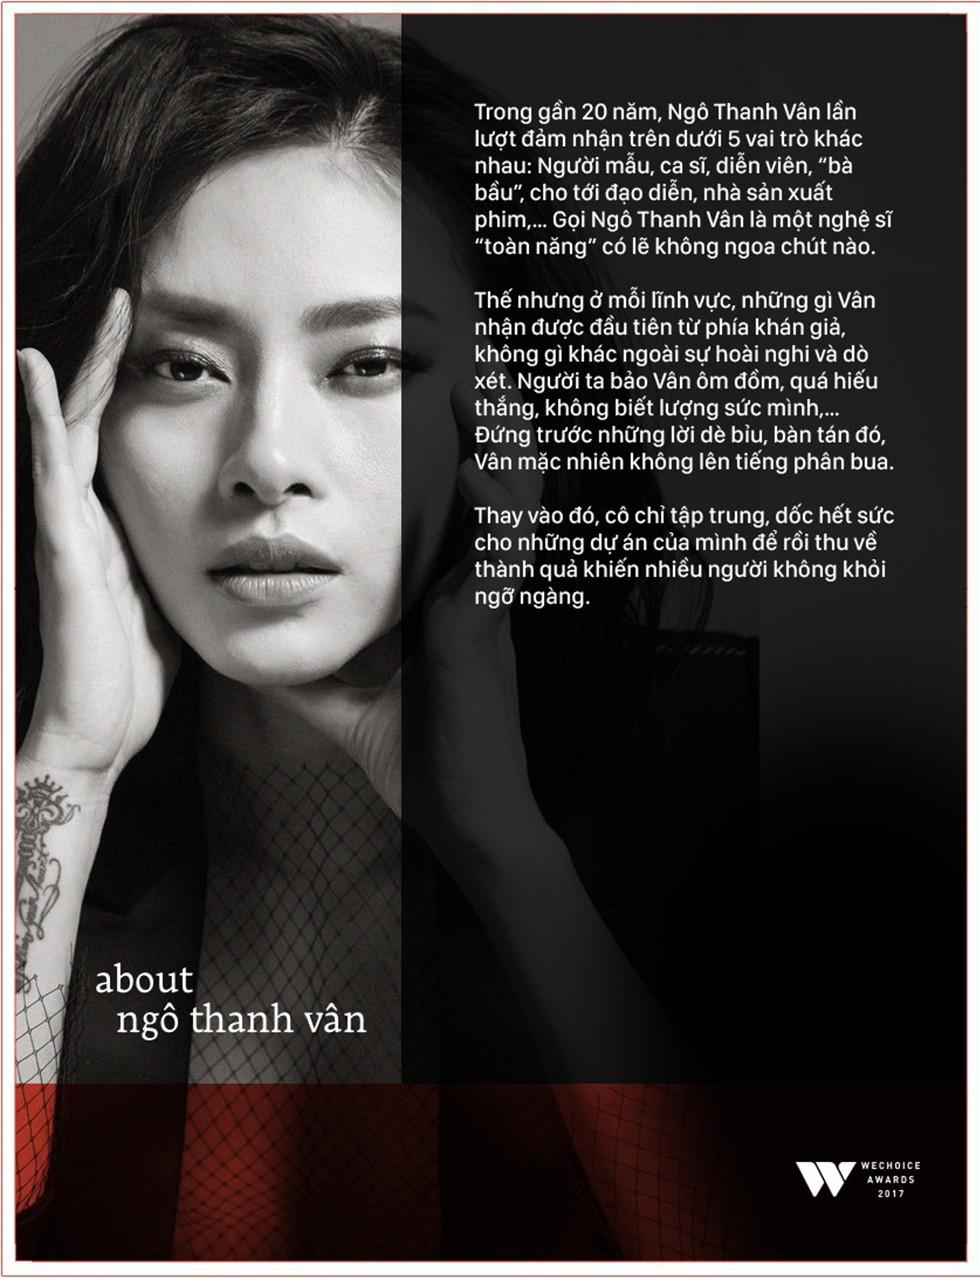 Ngô Thanh Vân: Người phụ nữ quyền lực của điện ảnh Việt, mỗi năm một câu chuyện đầy cảm hứng và tham vọng chưa bao giờ tắt - Ảnh 19.